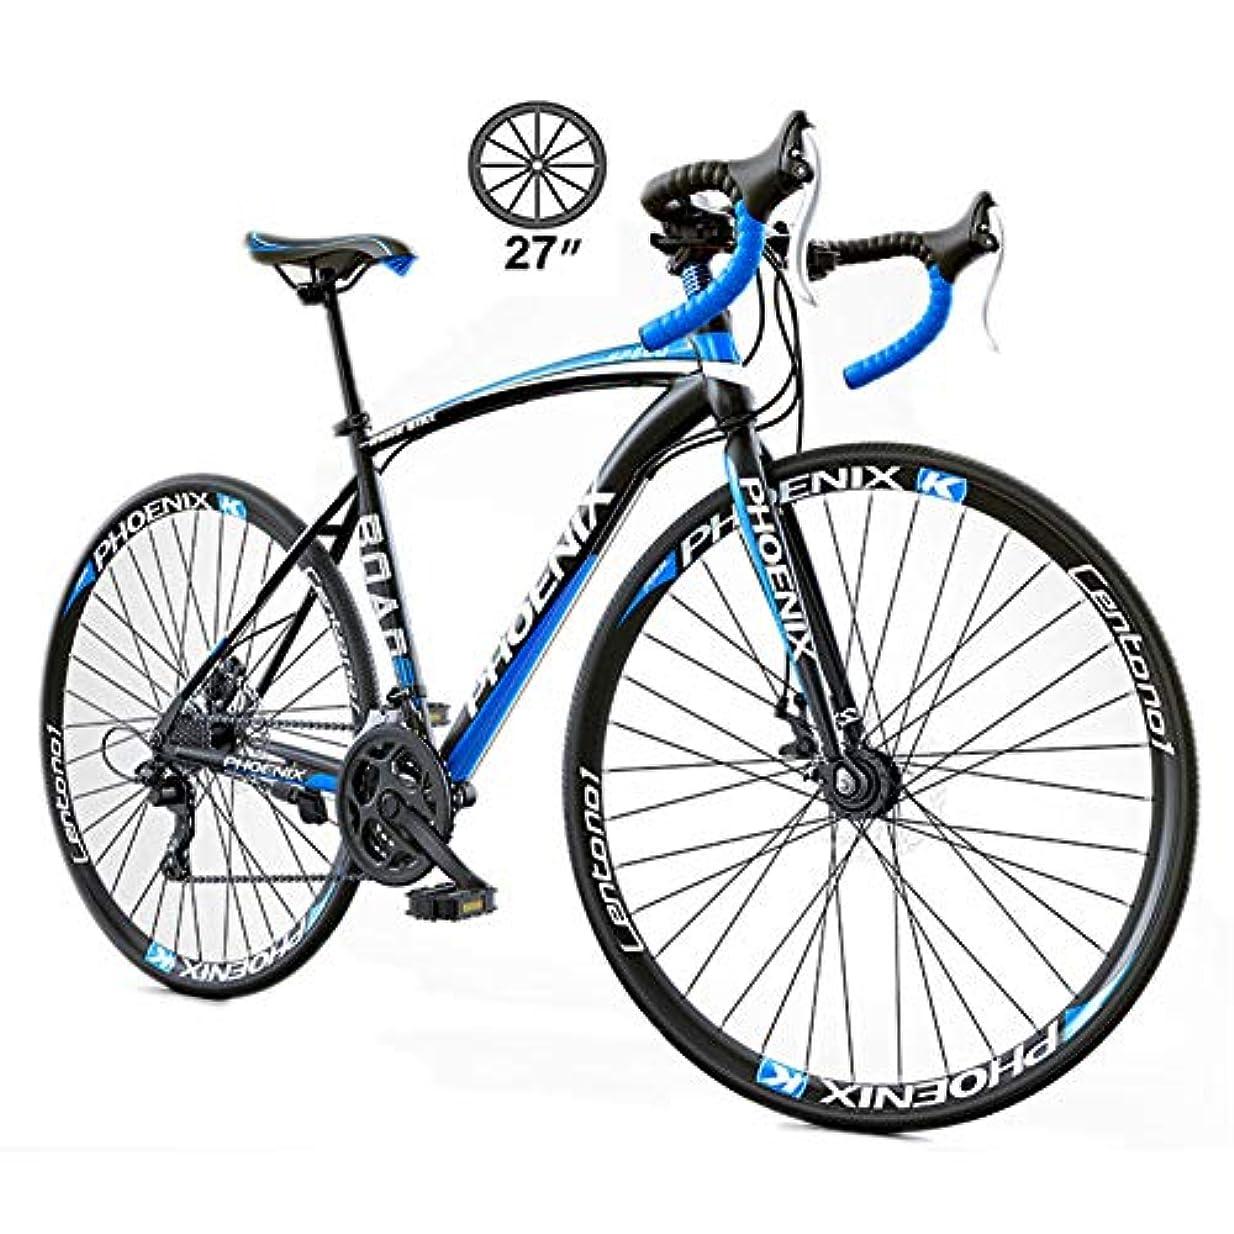 不愉快ピークインフラ少年とティーンのためのメンズマウンテンバイク、27-速度可変速フラットハンドルバー自転車、700Cロード自転車、マウンテンオフロード自転車軽量自転車衝撃吸収バイク,ブルー,27inch/27speed